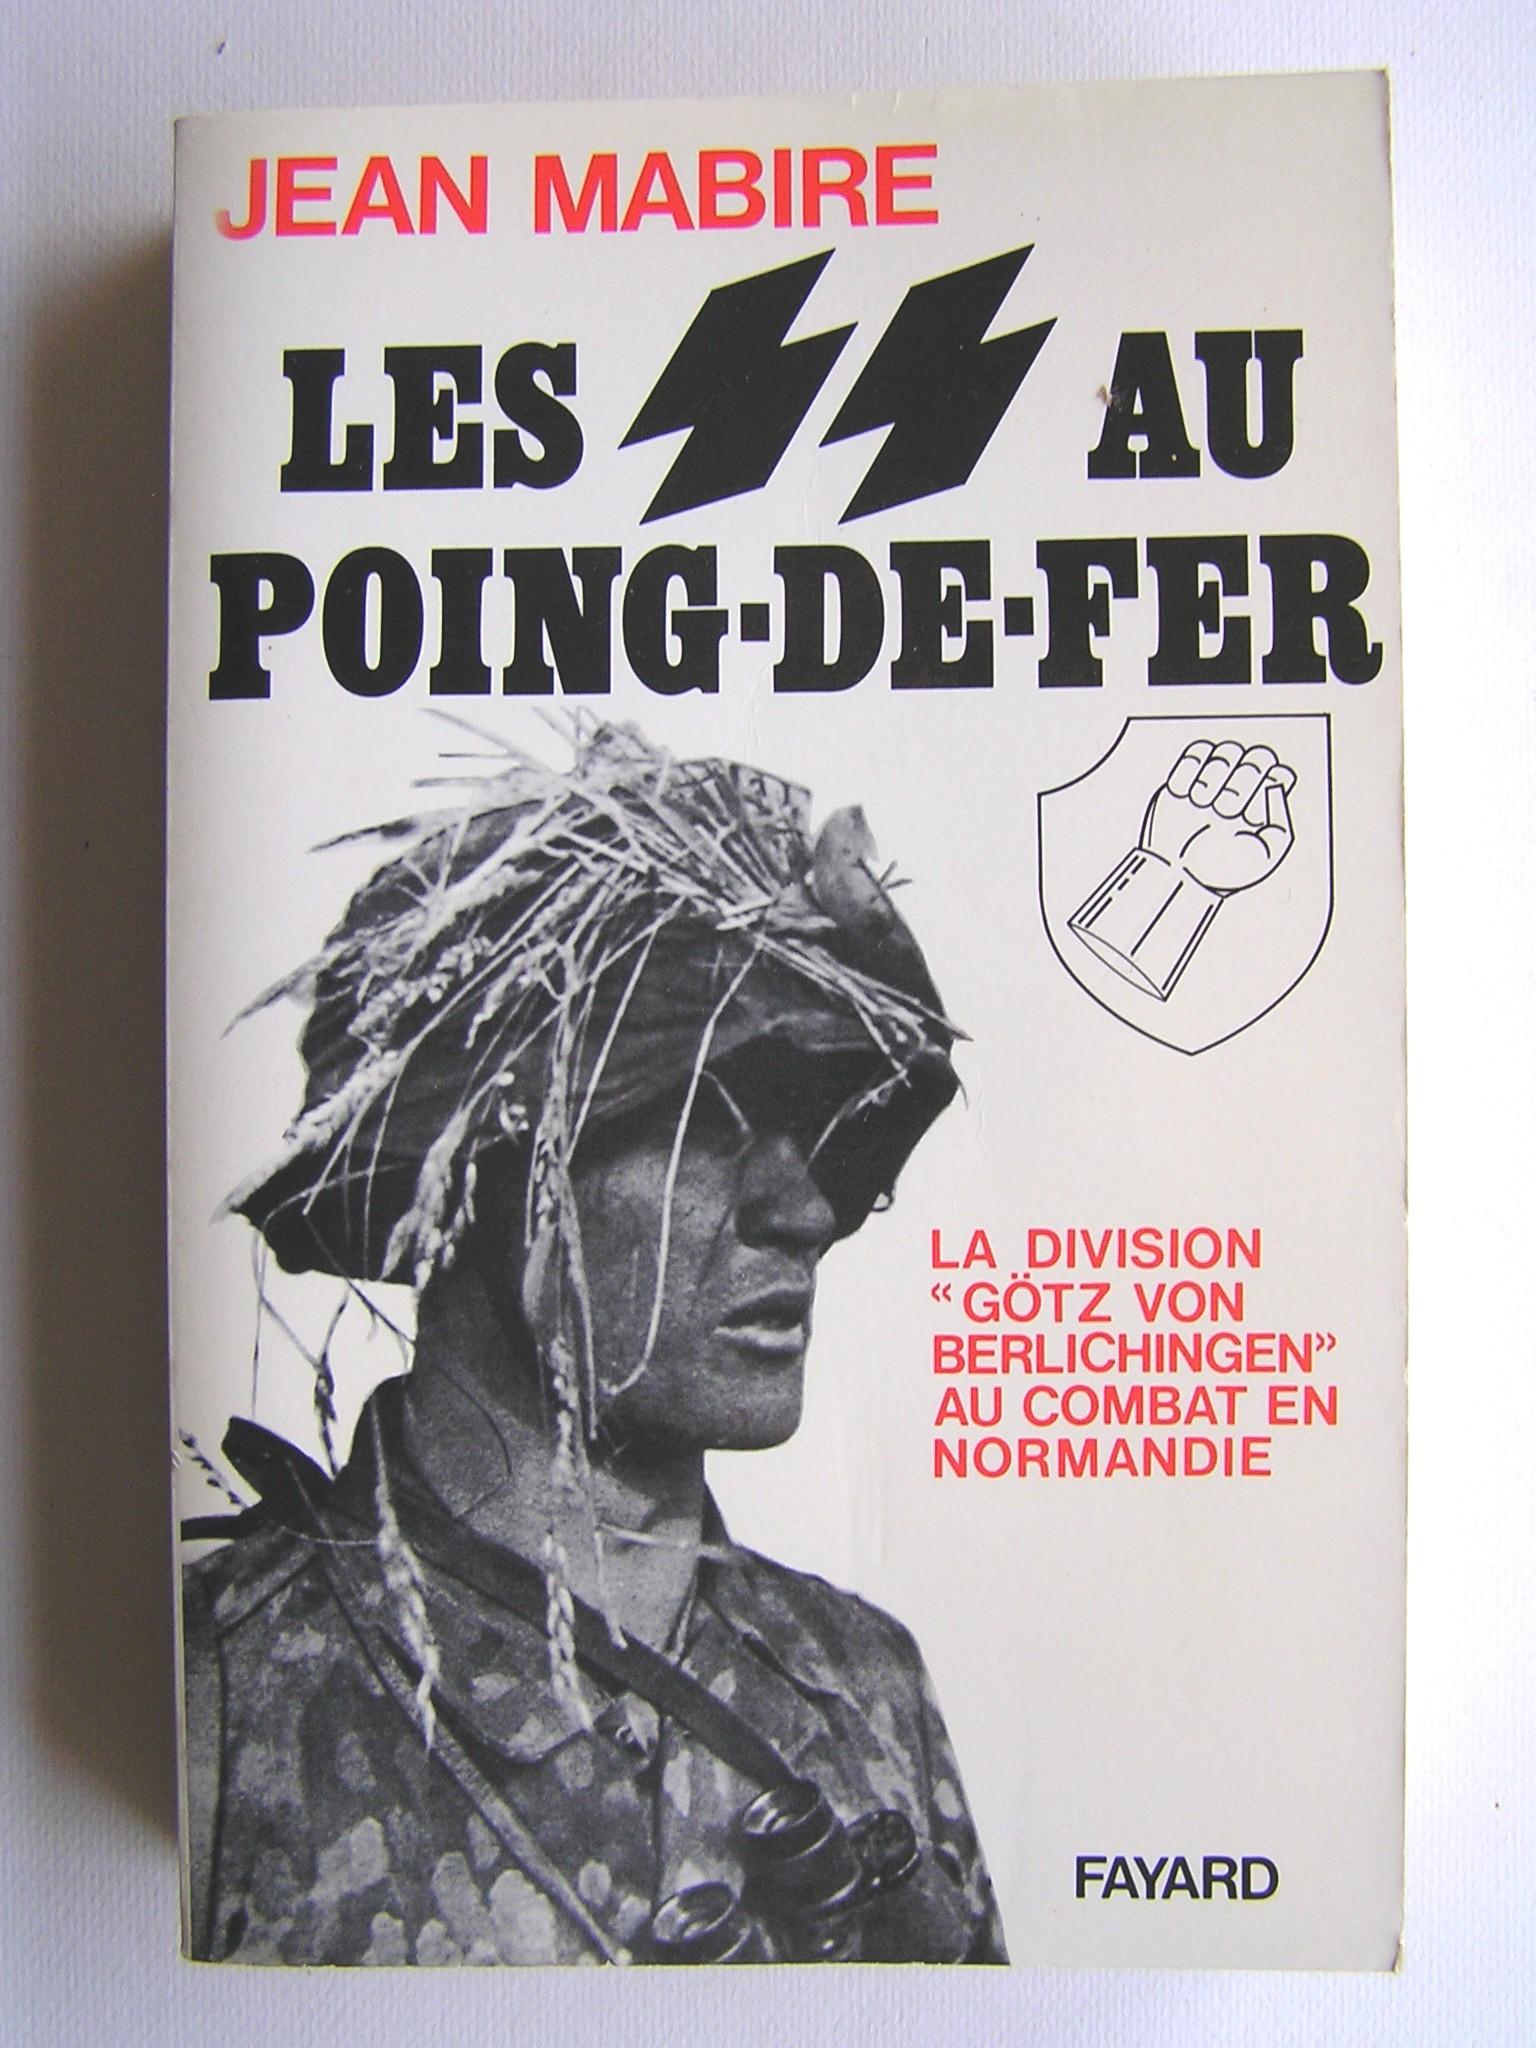 les-ss-au-poing-de-fer-la -division-gotz-von-berlichingen-au-combat-en-normandie.jpg 0c126531672